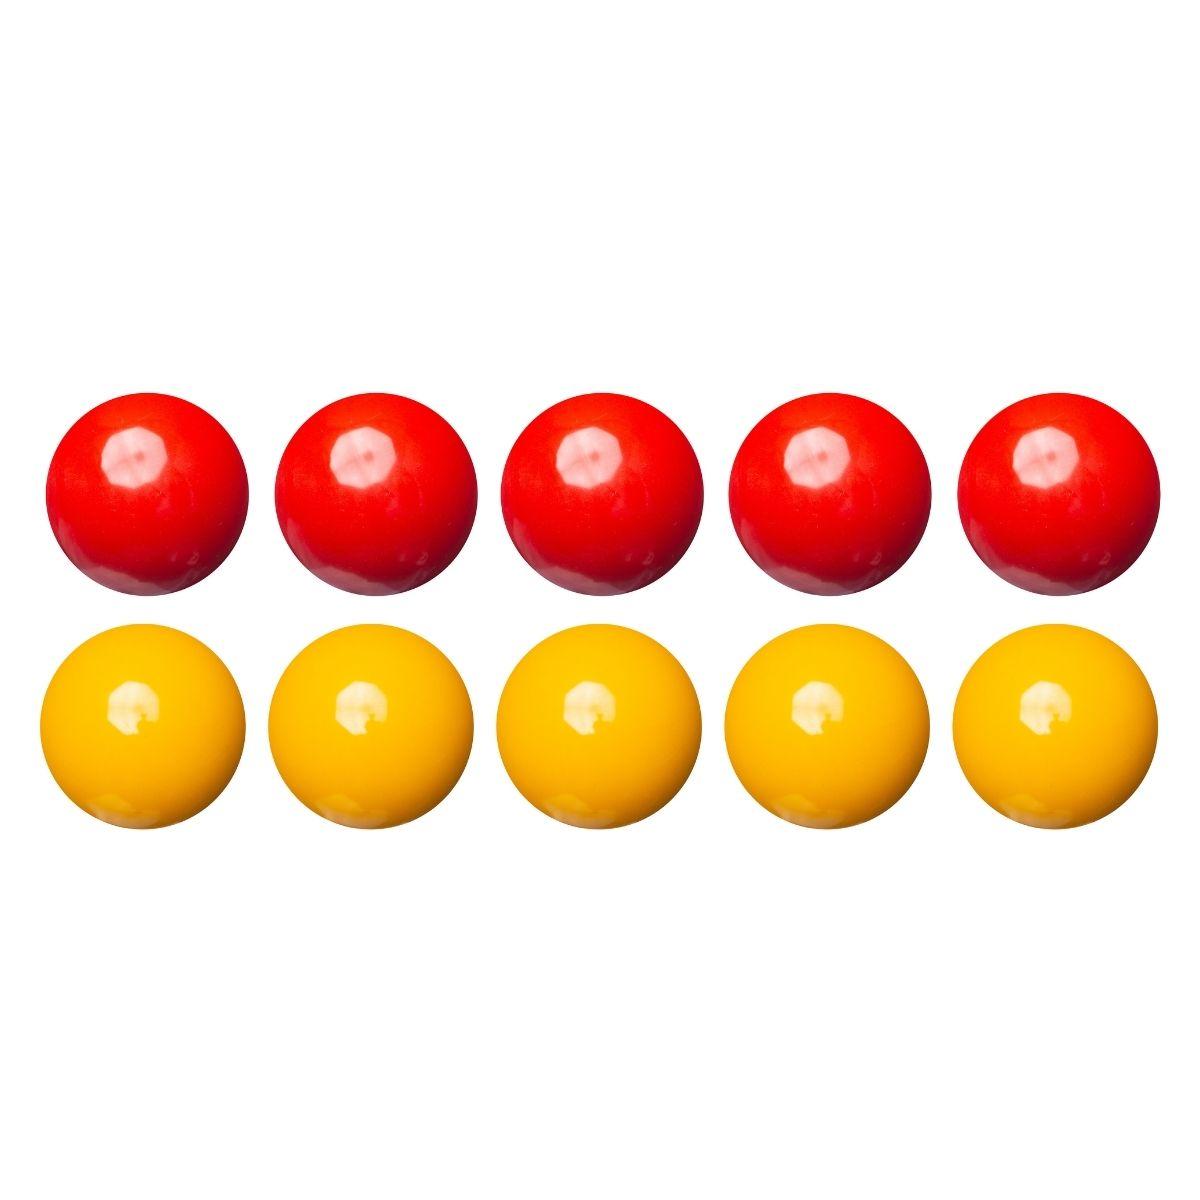 Jogo de Bolas Lisa - Mata Mata Amarelo / Vermelha 54mm